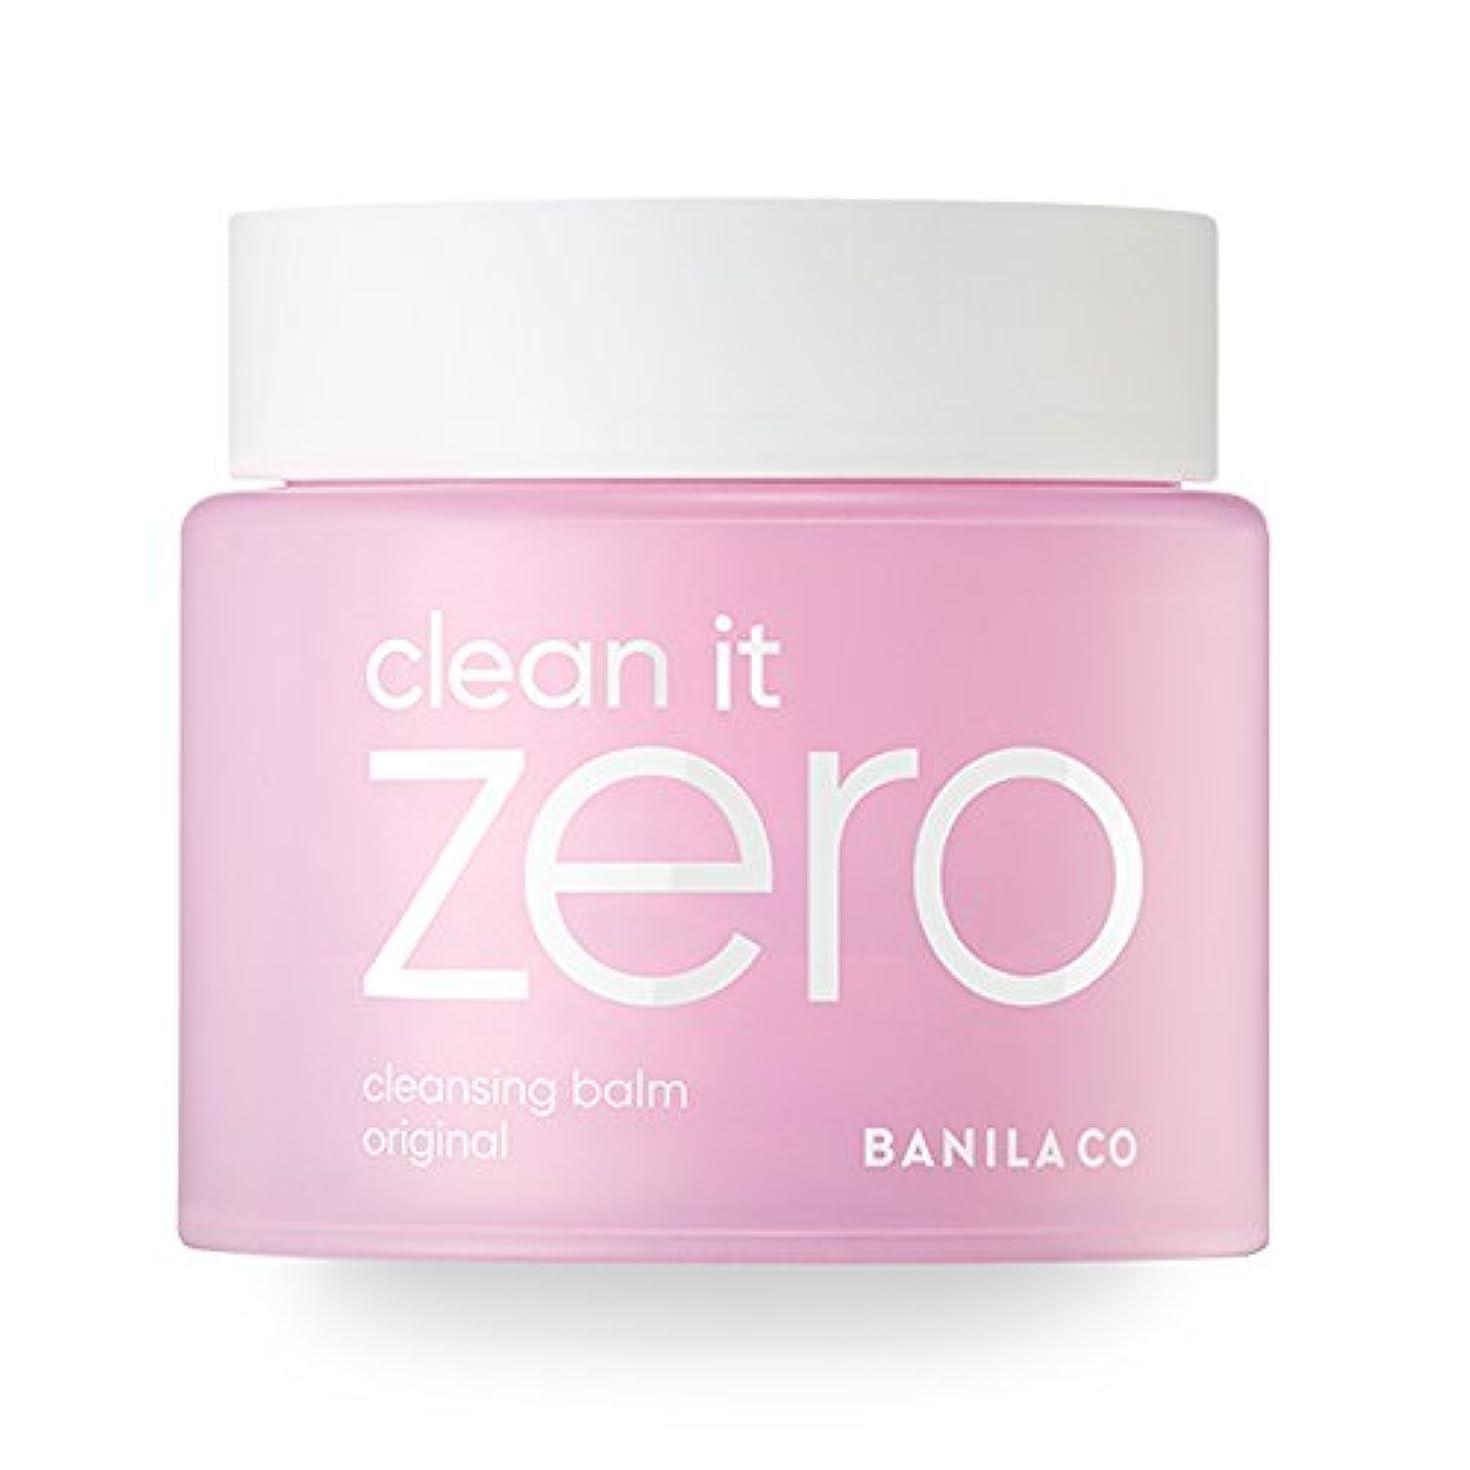 同じ平らな役割BANILA CO(バニラコ)公式ストア  バニラコ クリーン イット ゼロ クレンジング バーム オリジナル / Clean It Zero Cleansing Balm Original 180ml